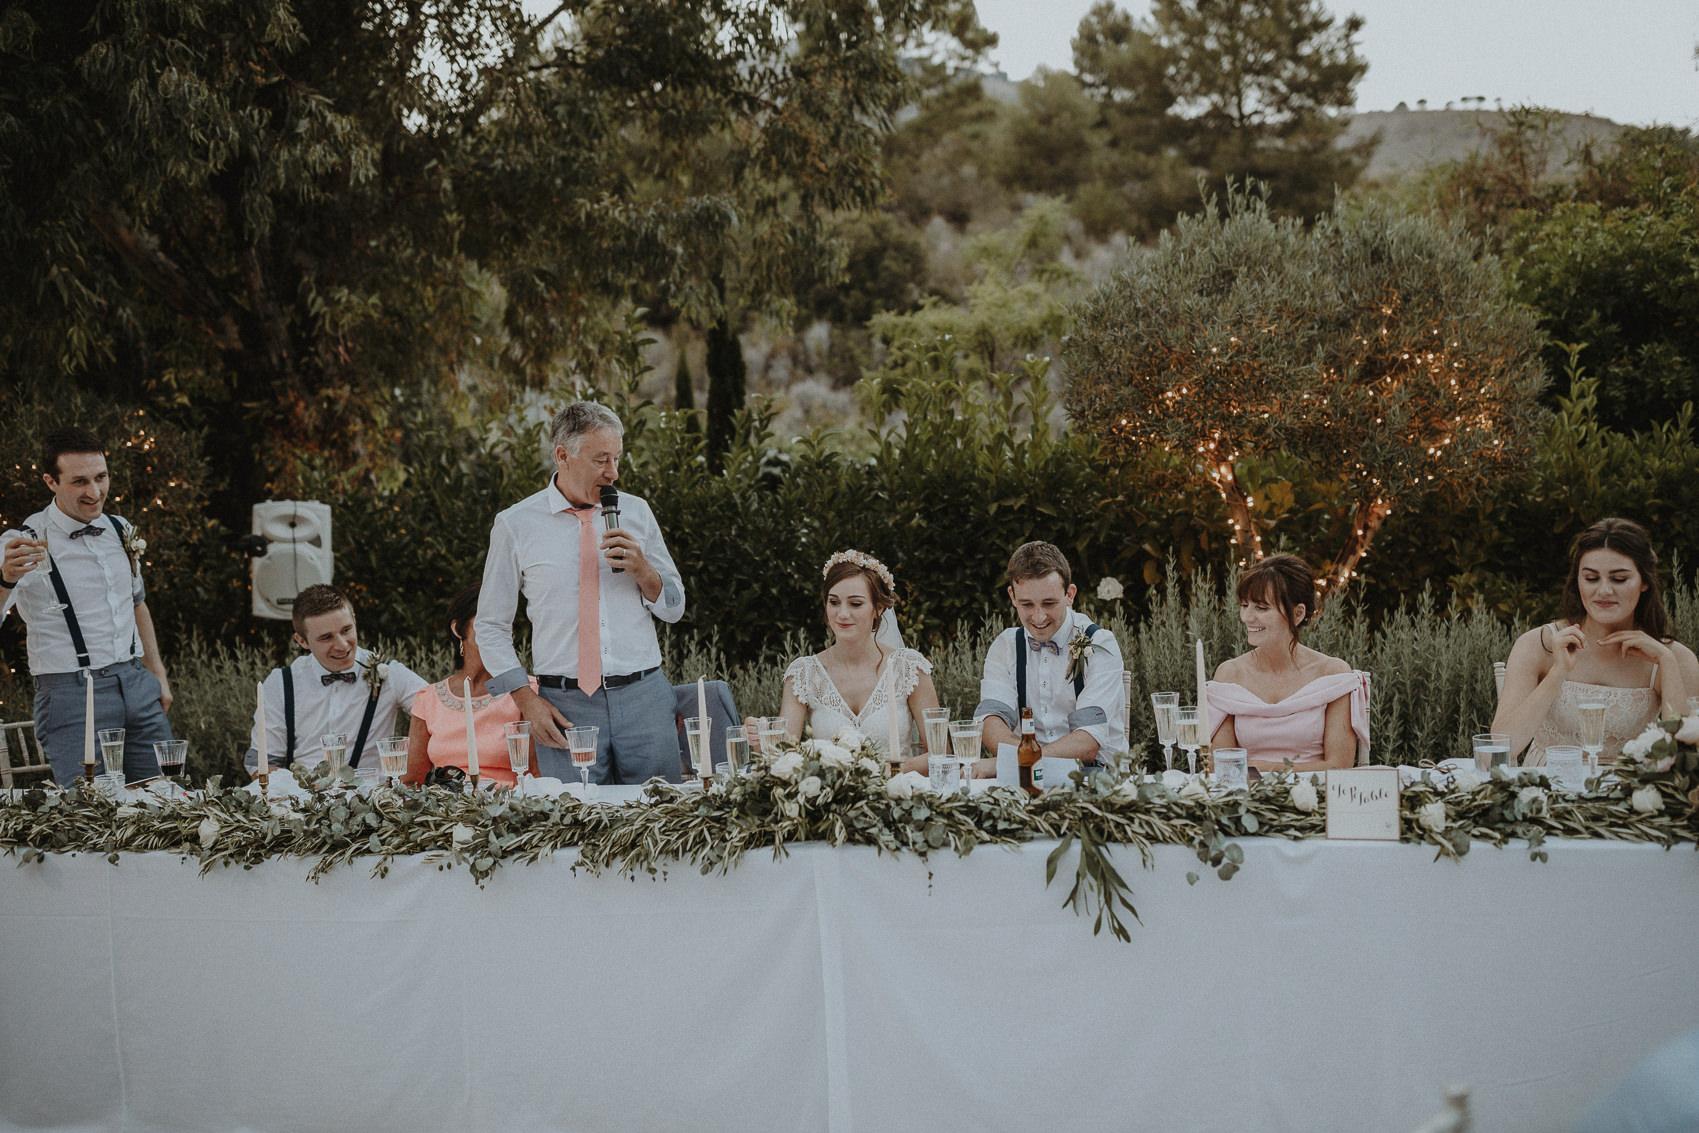 Sarah & Bill | Summer wedding at Cortijo Rosa Blanca | Marbella - Spain 147